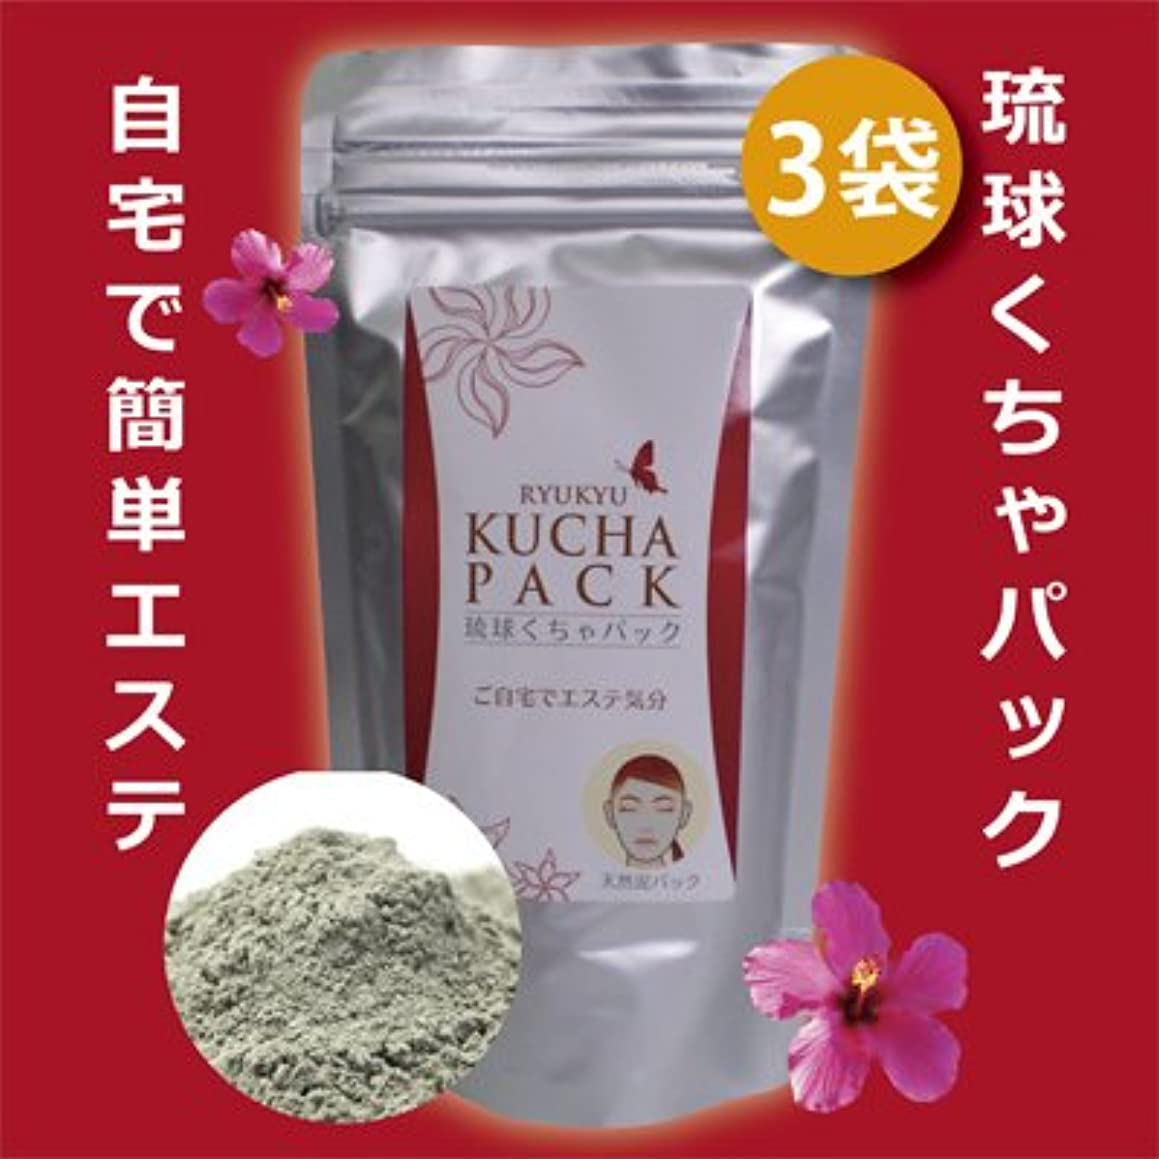 ダブル安全つぶす美肌 健康作り 月桃水を加えた使いやすい粉末 沖縄産 琉球くちゃパック 300g 3パック